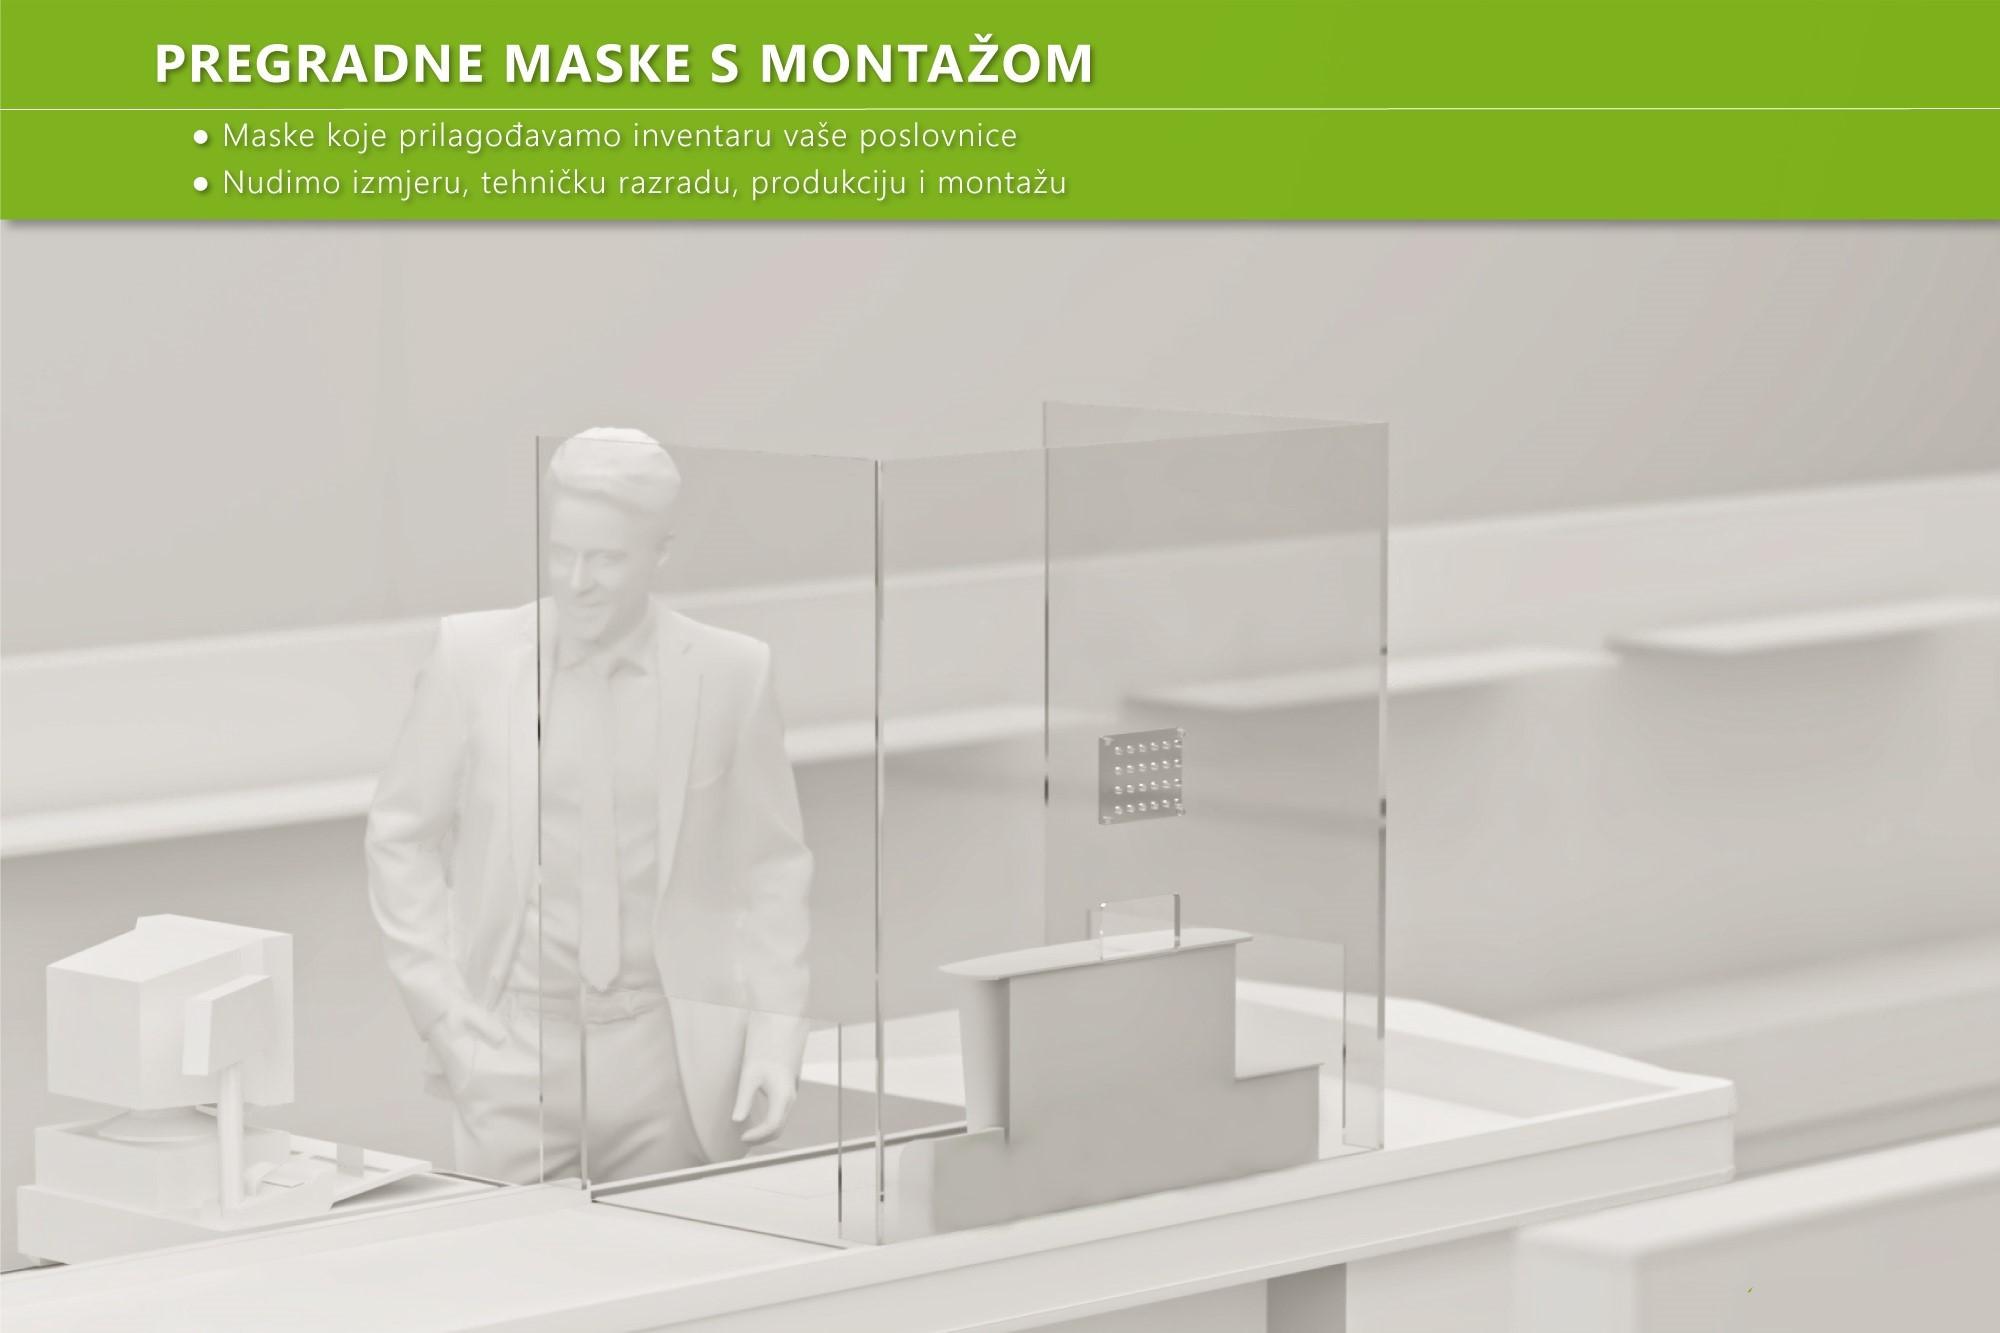 Pleksiglas pregrade, plexiglas ograde-zaštita zaposlenika, gostiju i kupaca